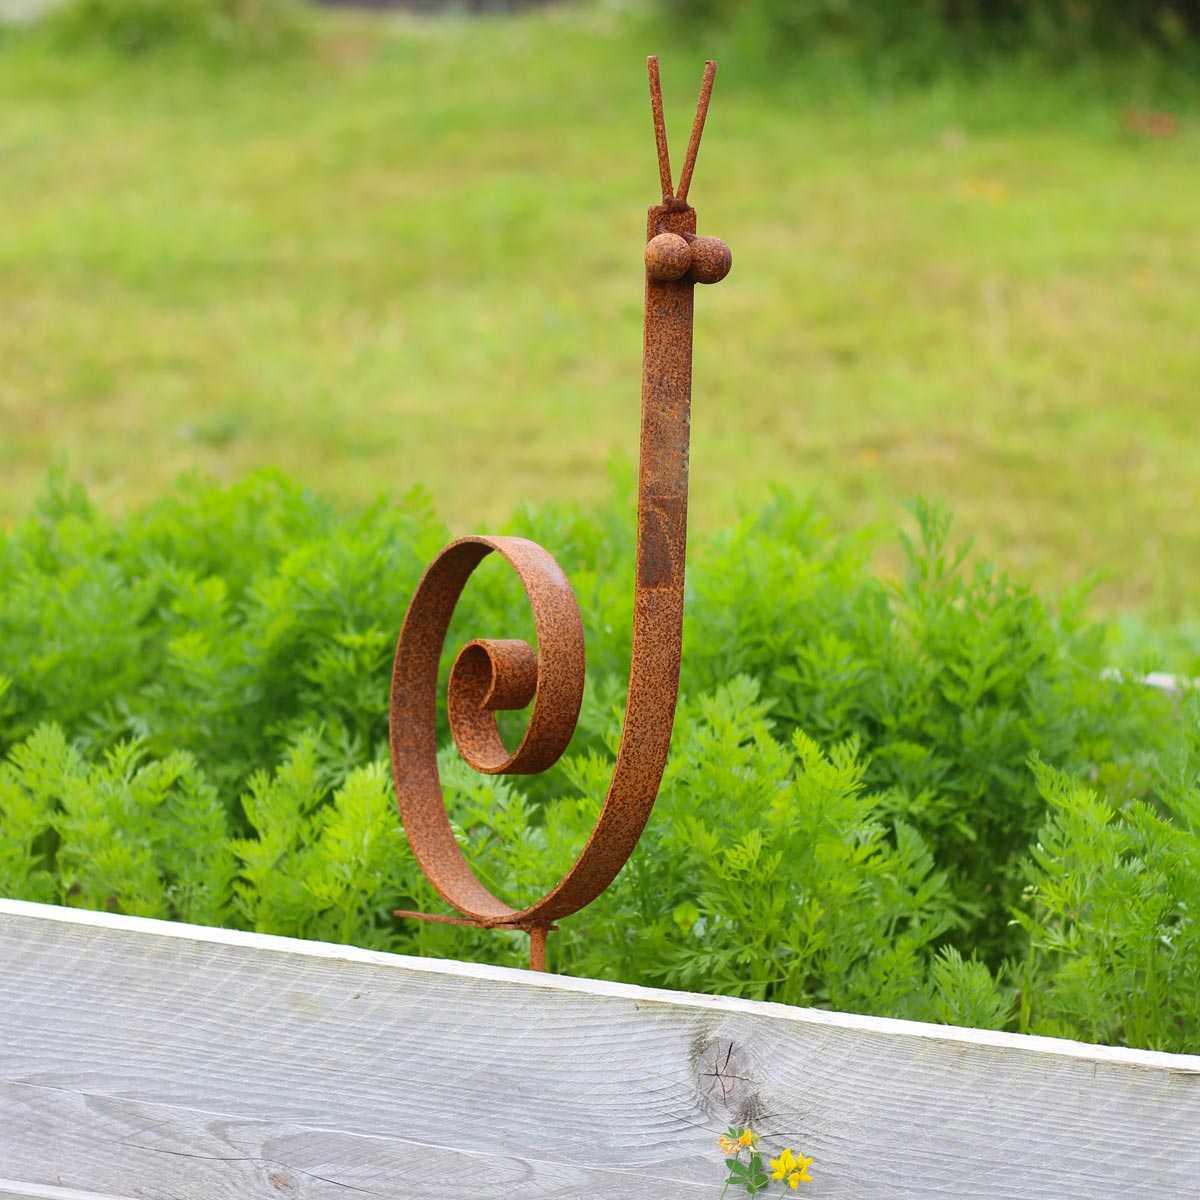 Jardin, Terrasse Décorations De Jardin Jardin Couronne ... pour Deco Metal Jardin